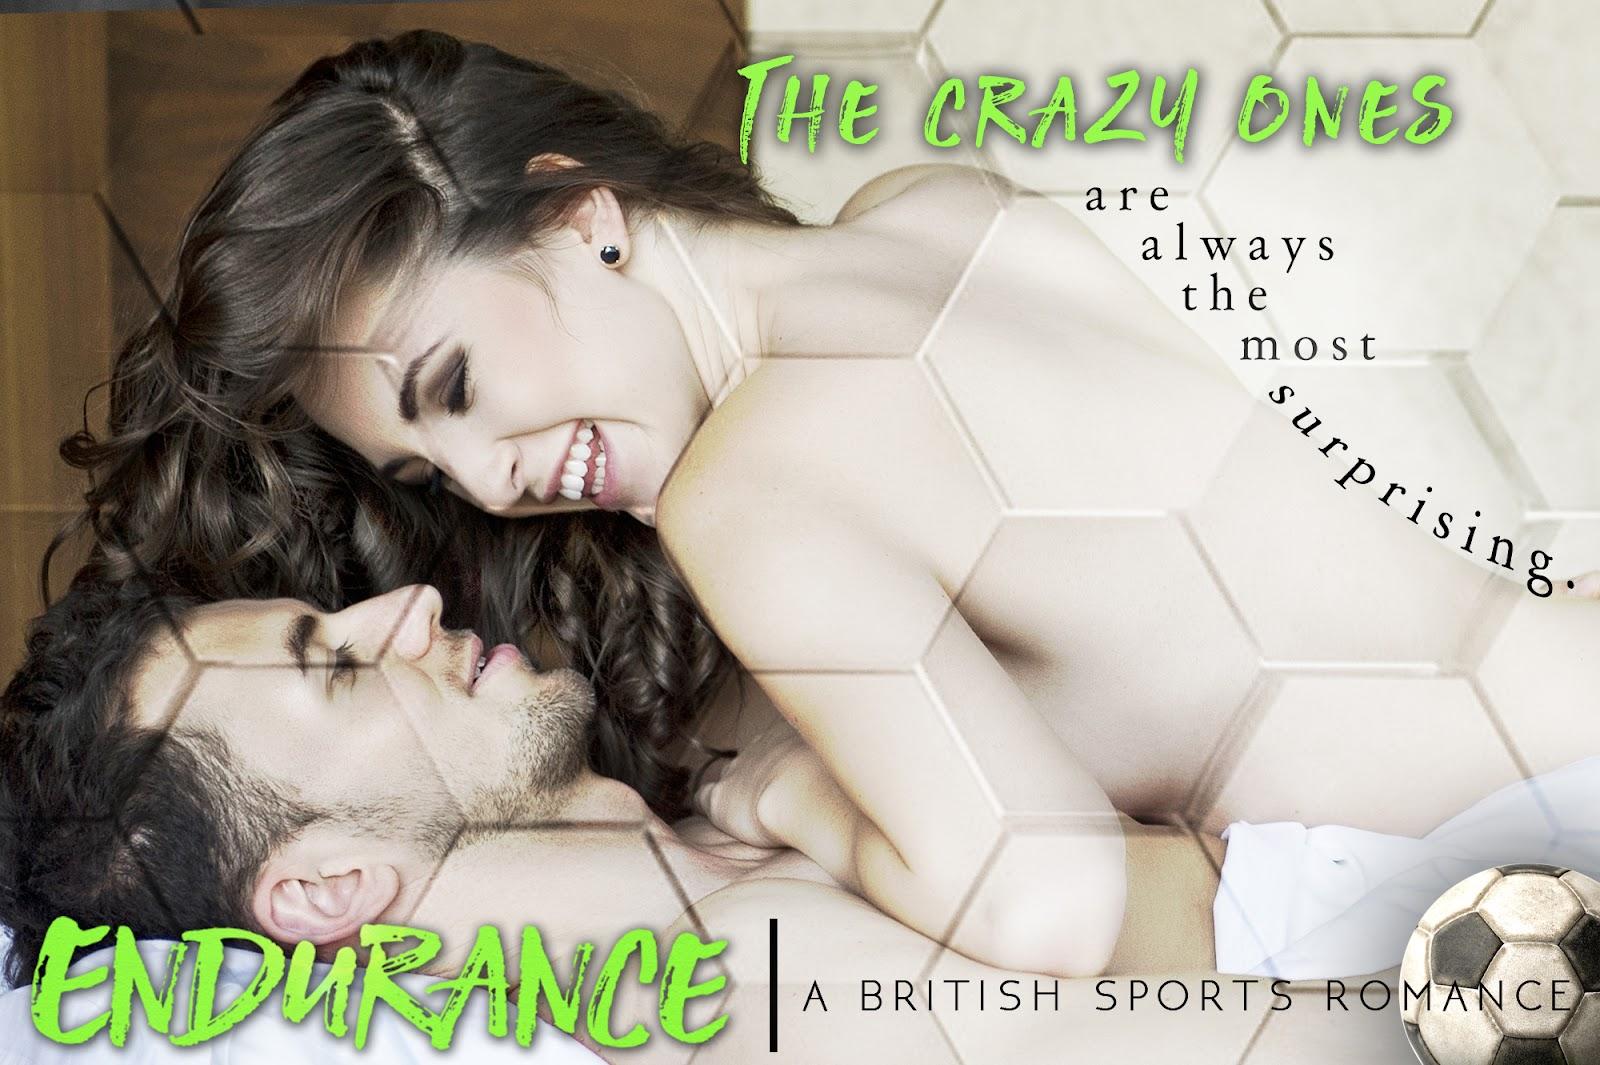 crazy ones2.jpg